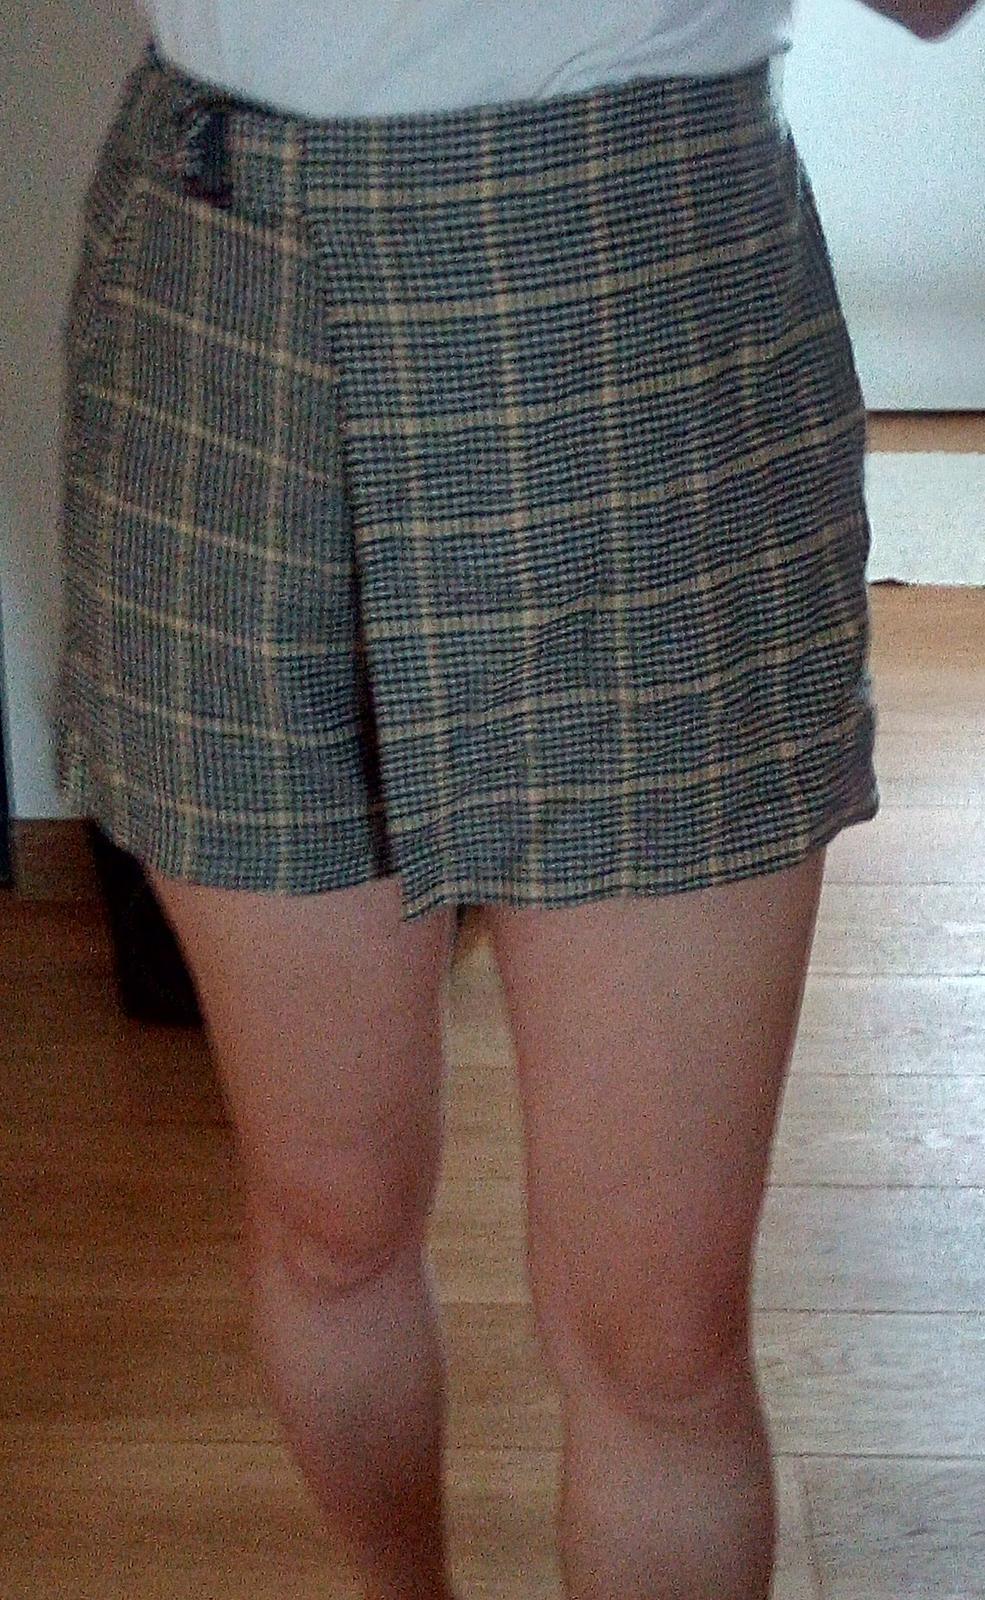 Kárované sukňošortky Terranova S - Obrázok č. 1